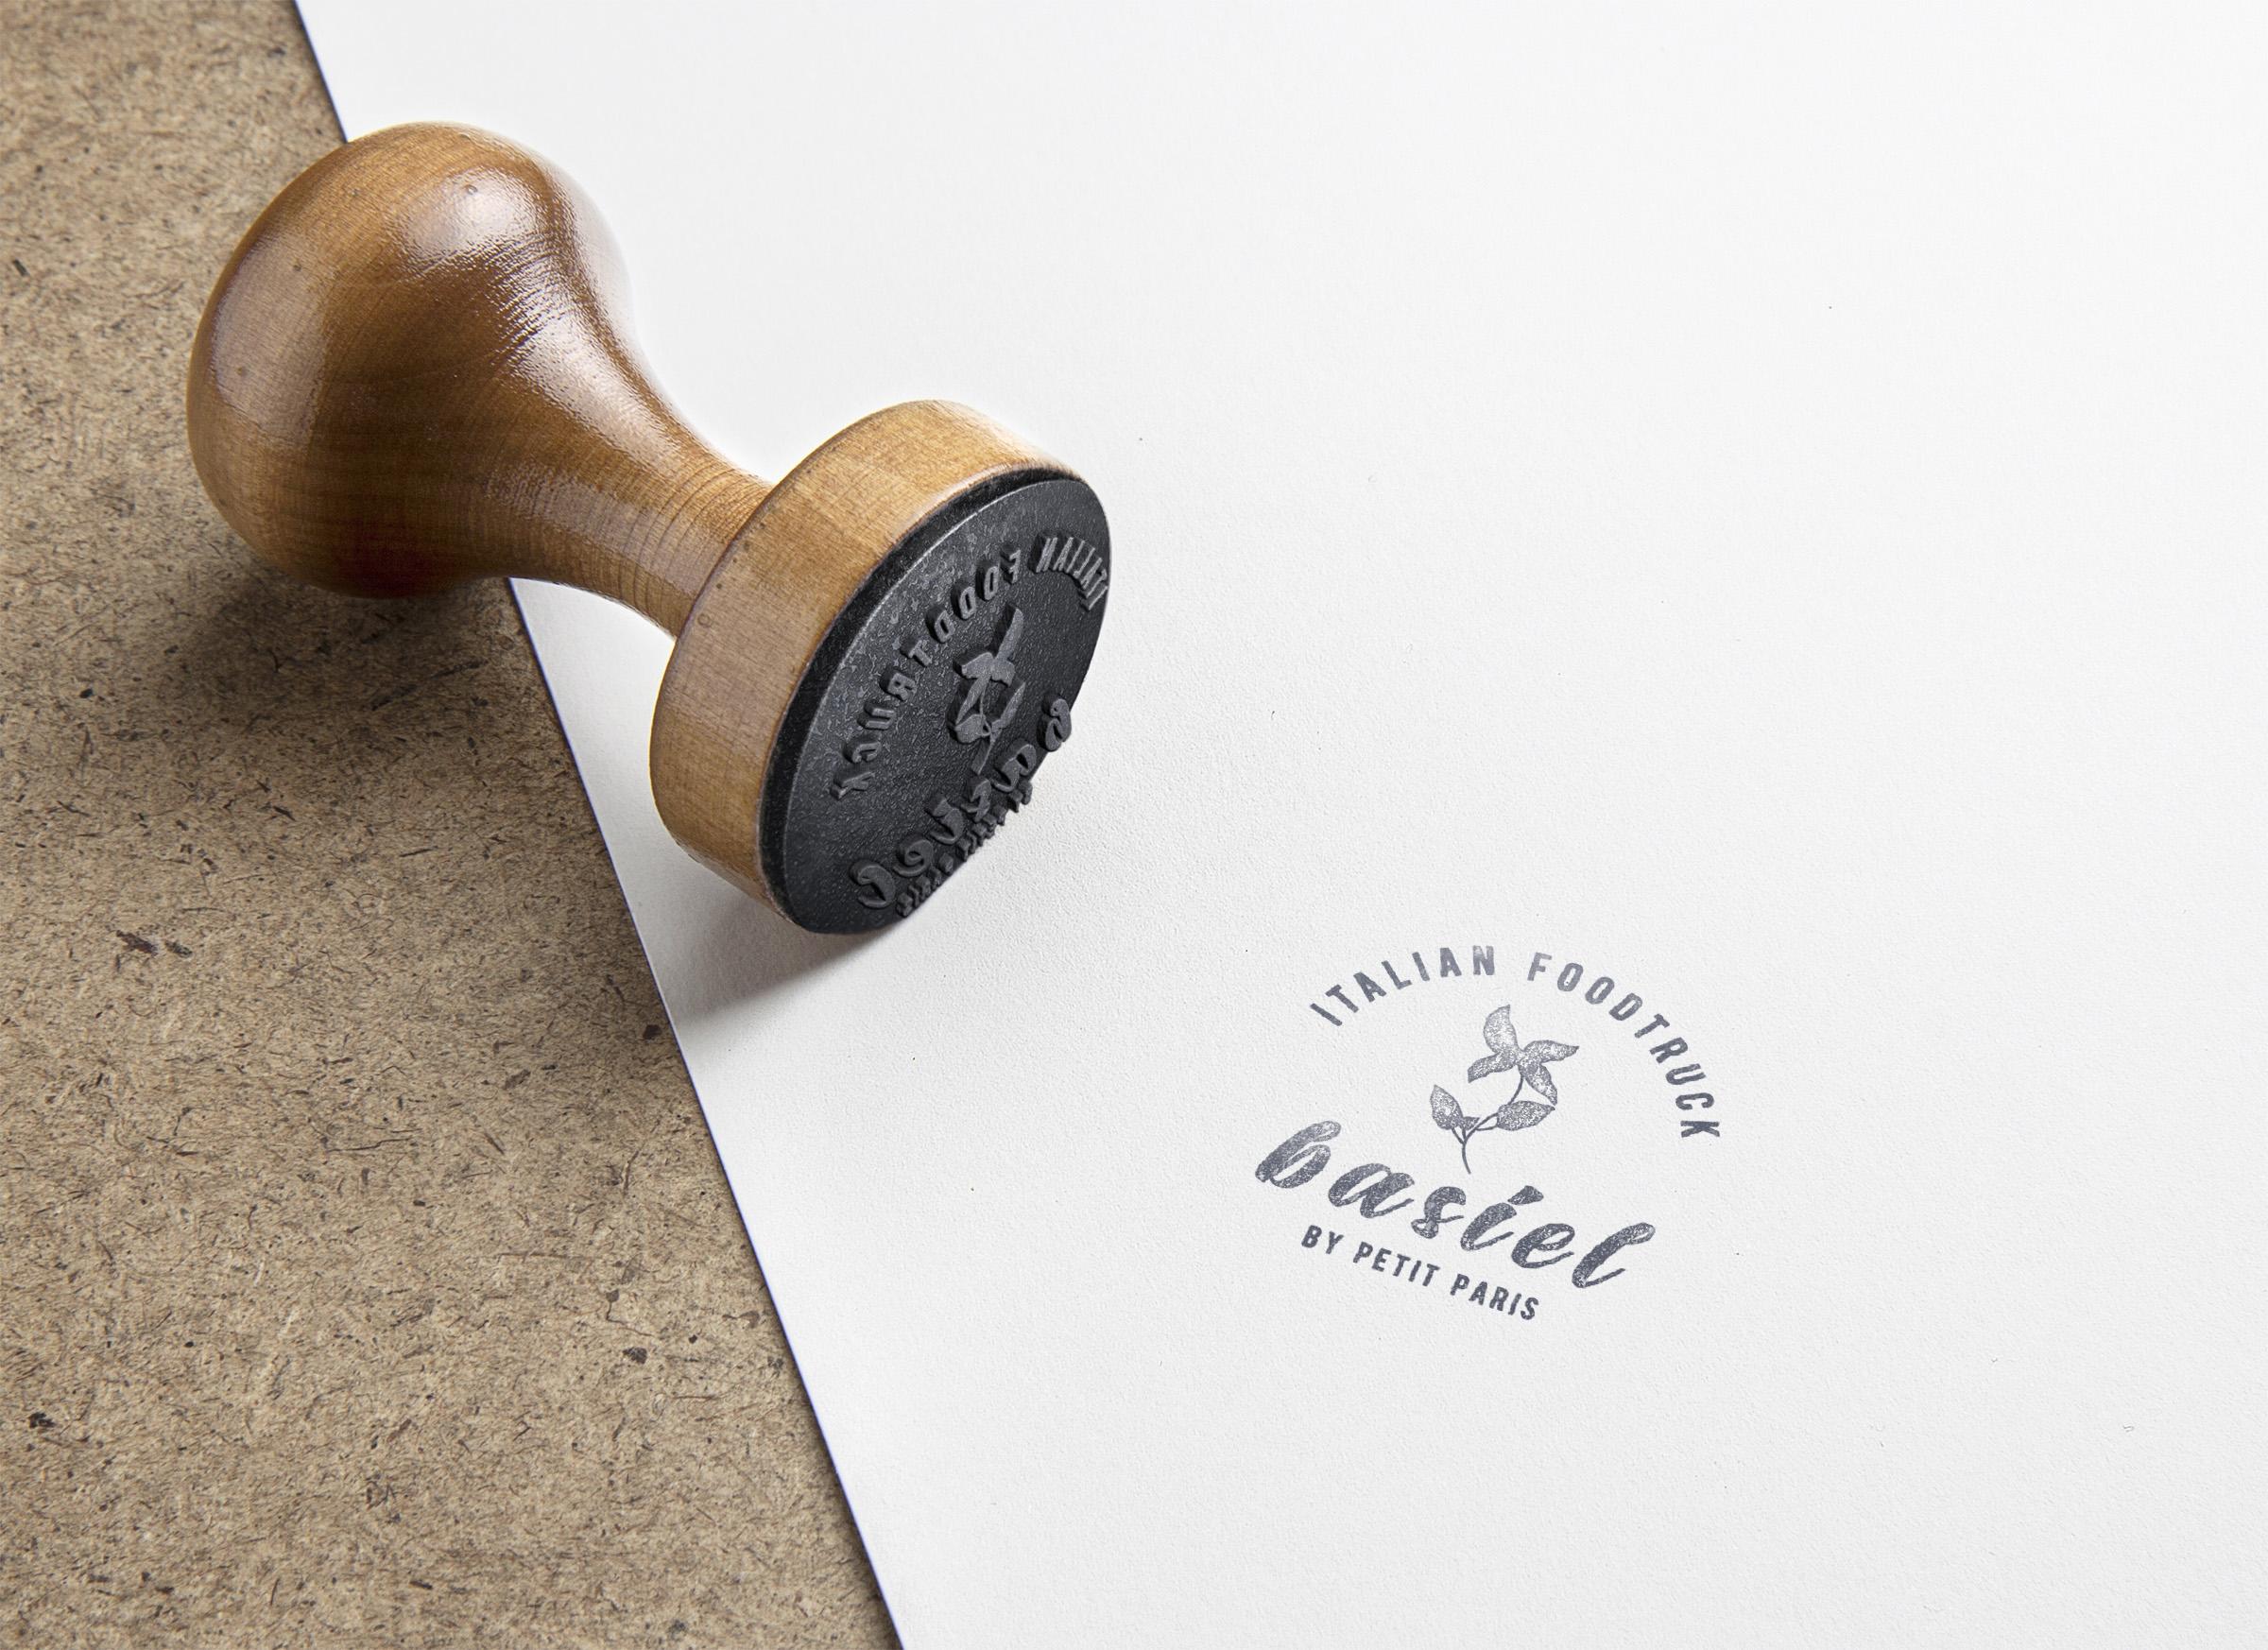 Basiel foodtruck by Le Petit Paris